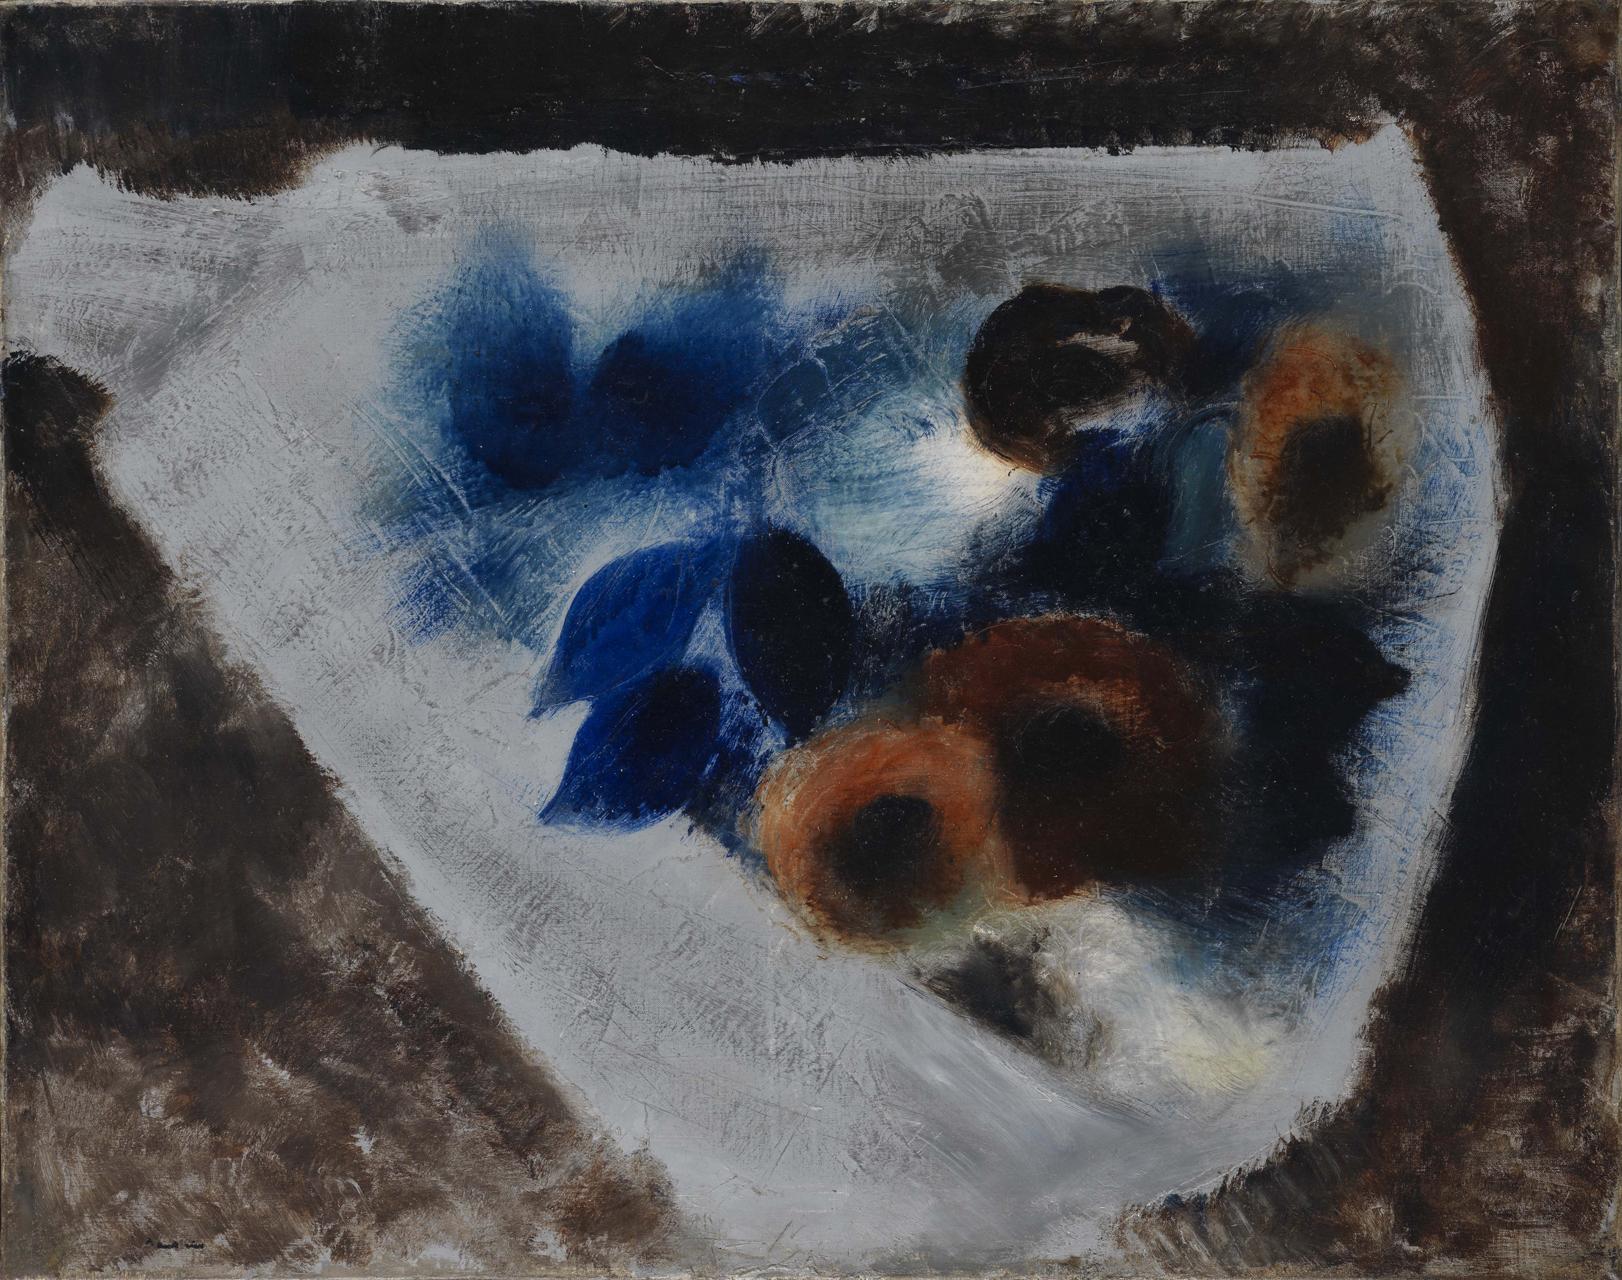 Jean Fautrier, Jetée de feurs, um 1929, Öl auf Leinwand, 72,5 x 92,5 cm